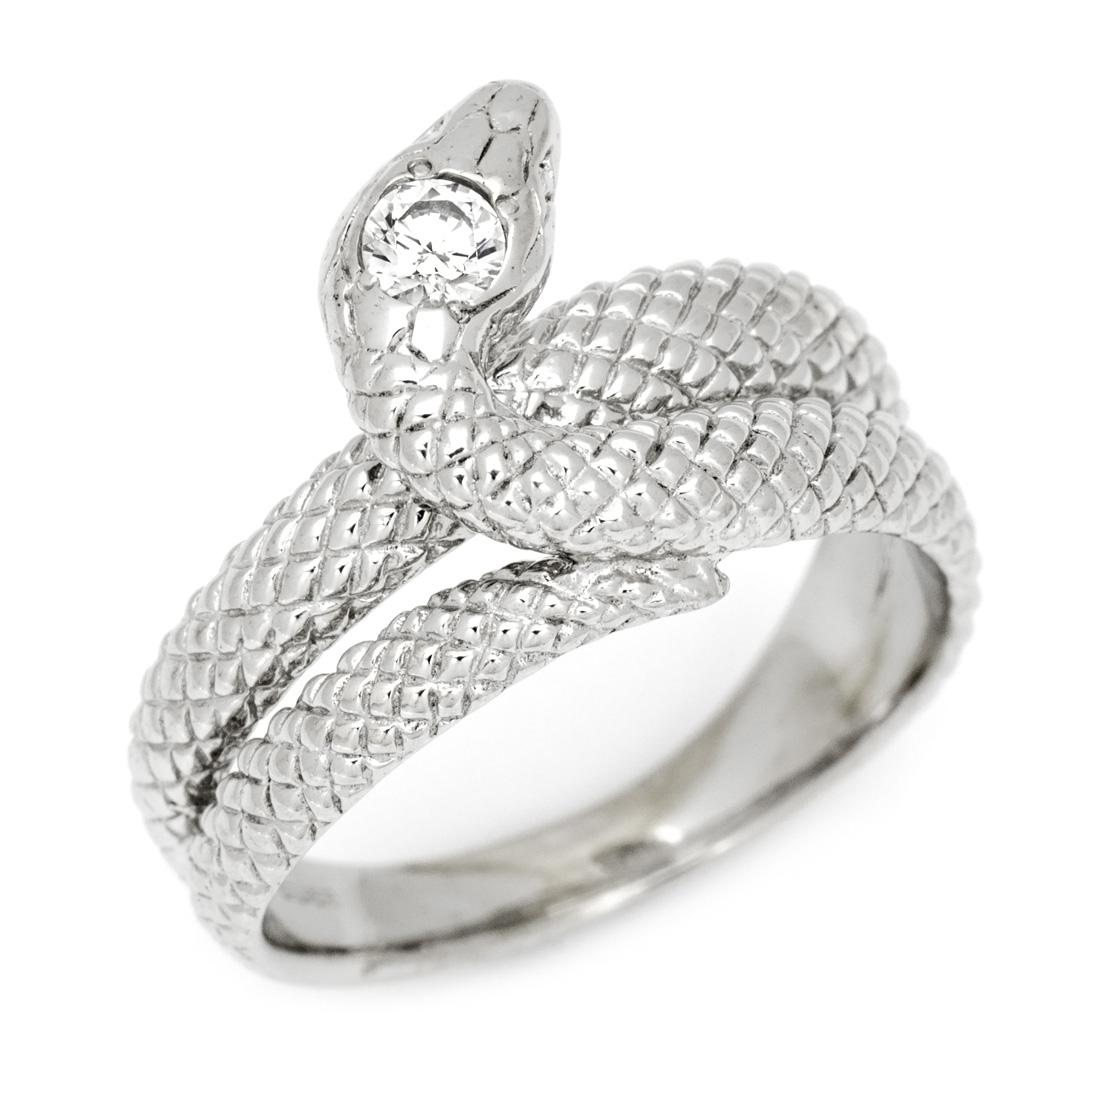 リング ダイヤモンド 0.1カラット プラチナ900